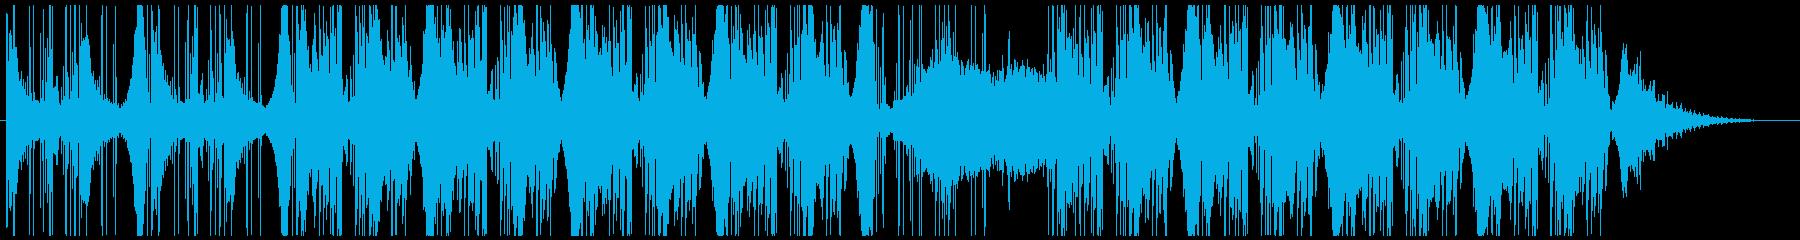 優しく寂しいピアノ小品のダブ系リミックスの再生済みの波形